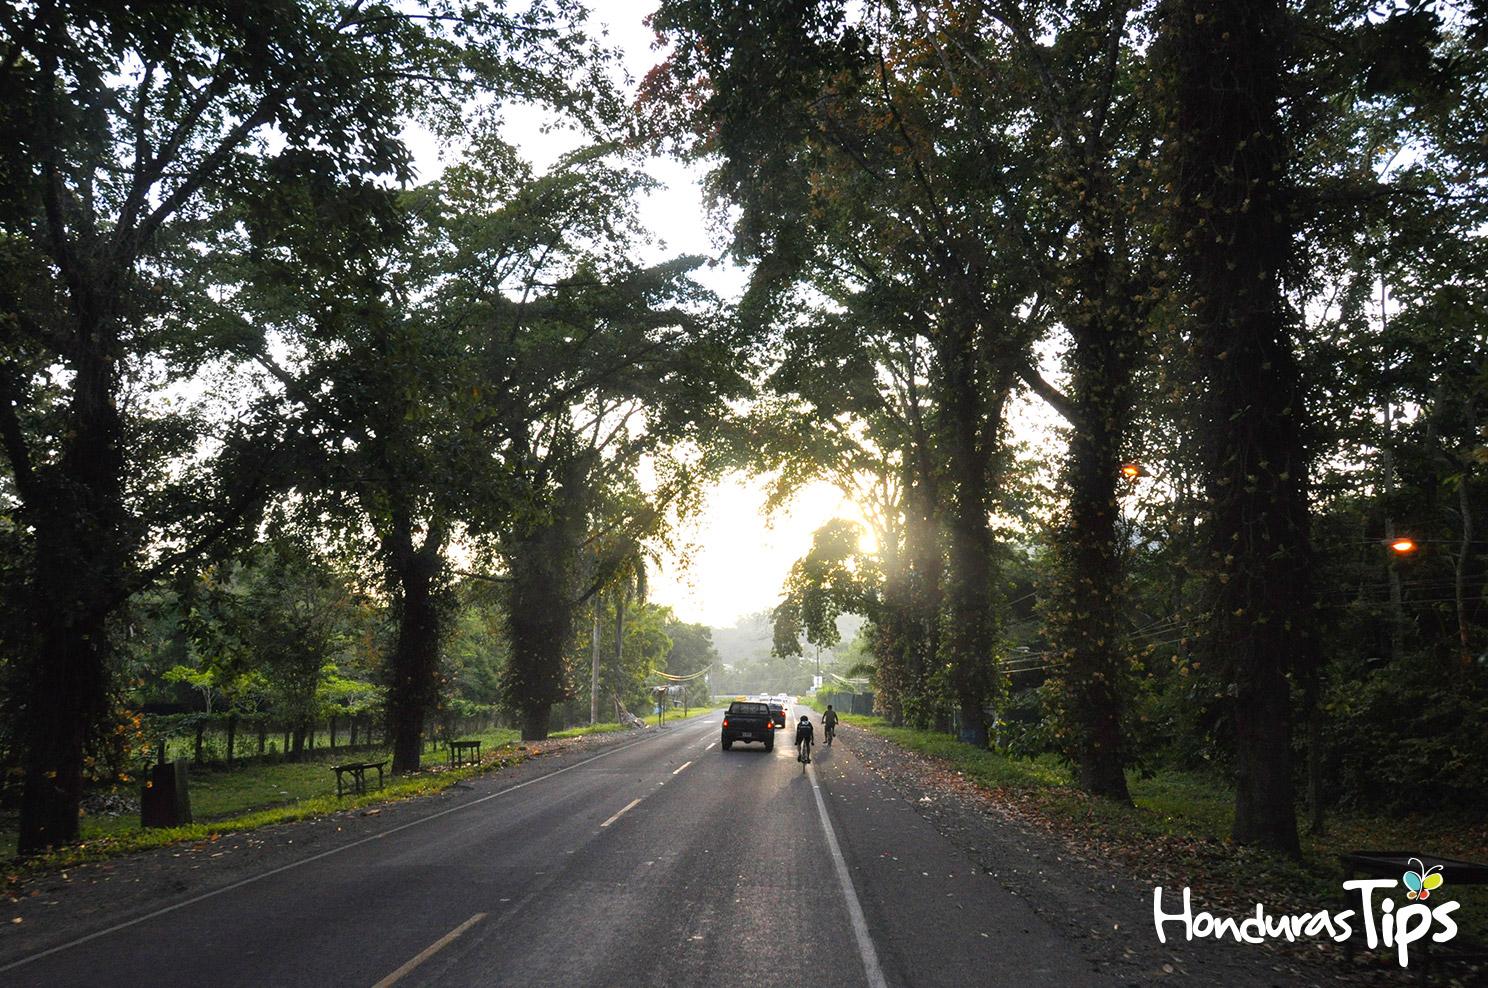 Momento en que la Caravana de Identidad pasaba durante el amanecer por los característicos árboles que rodean la carretera en la entrada de Lancetilla.